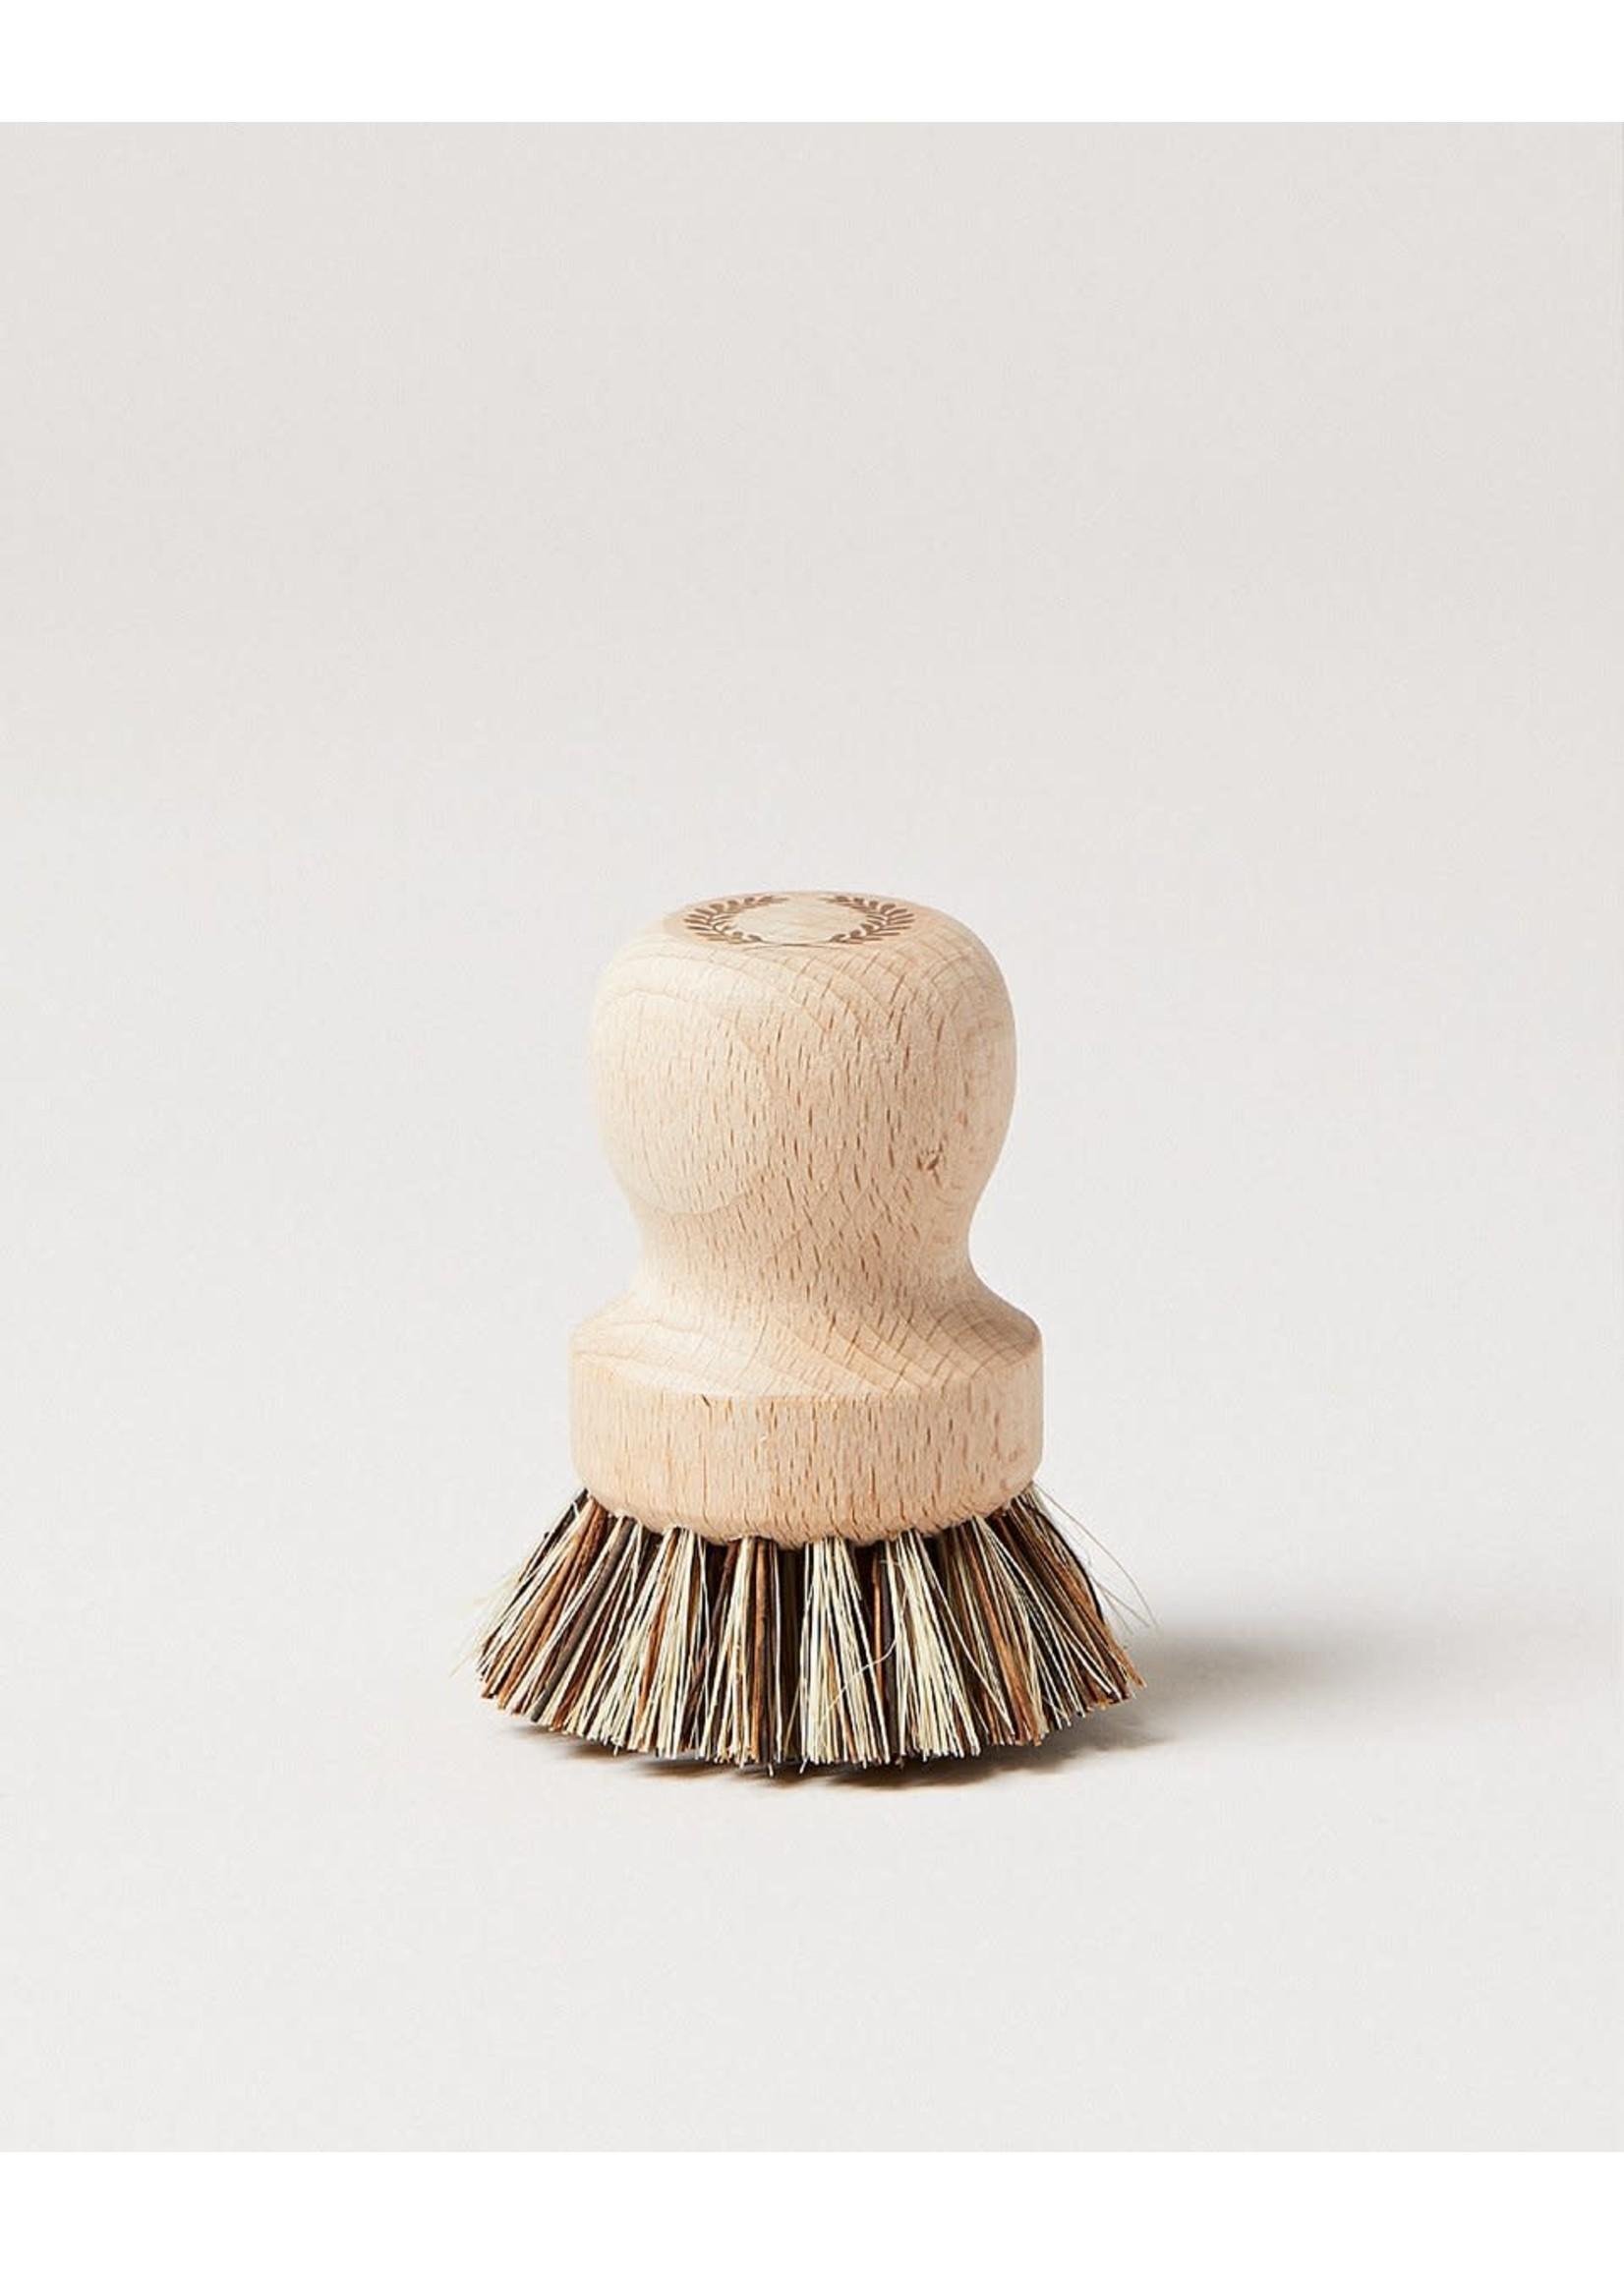 Farmhouse Pottery Laurel Pot Brush